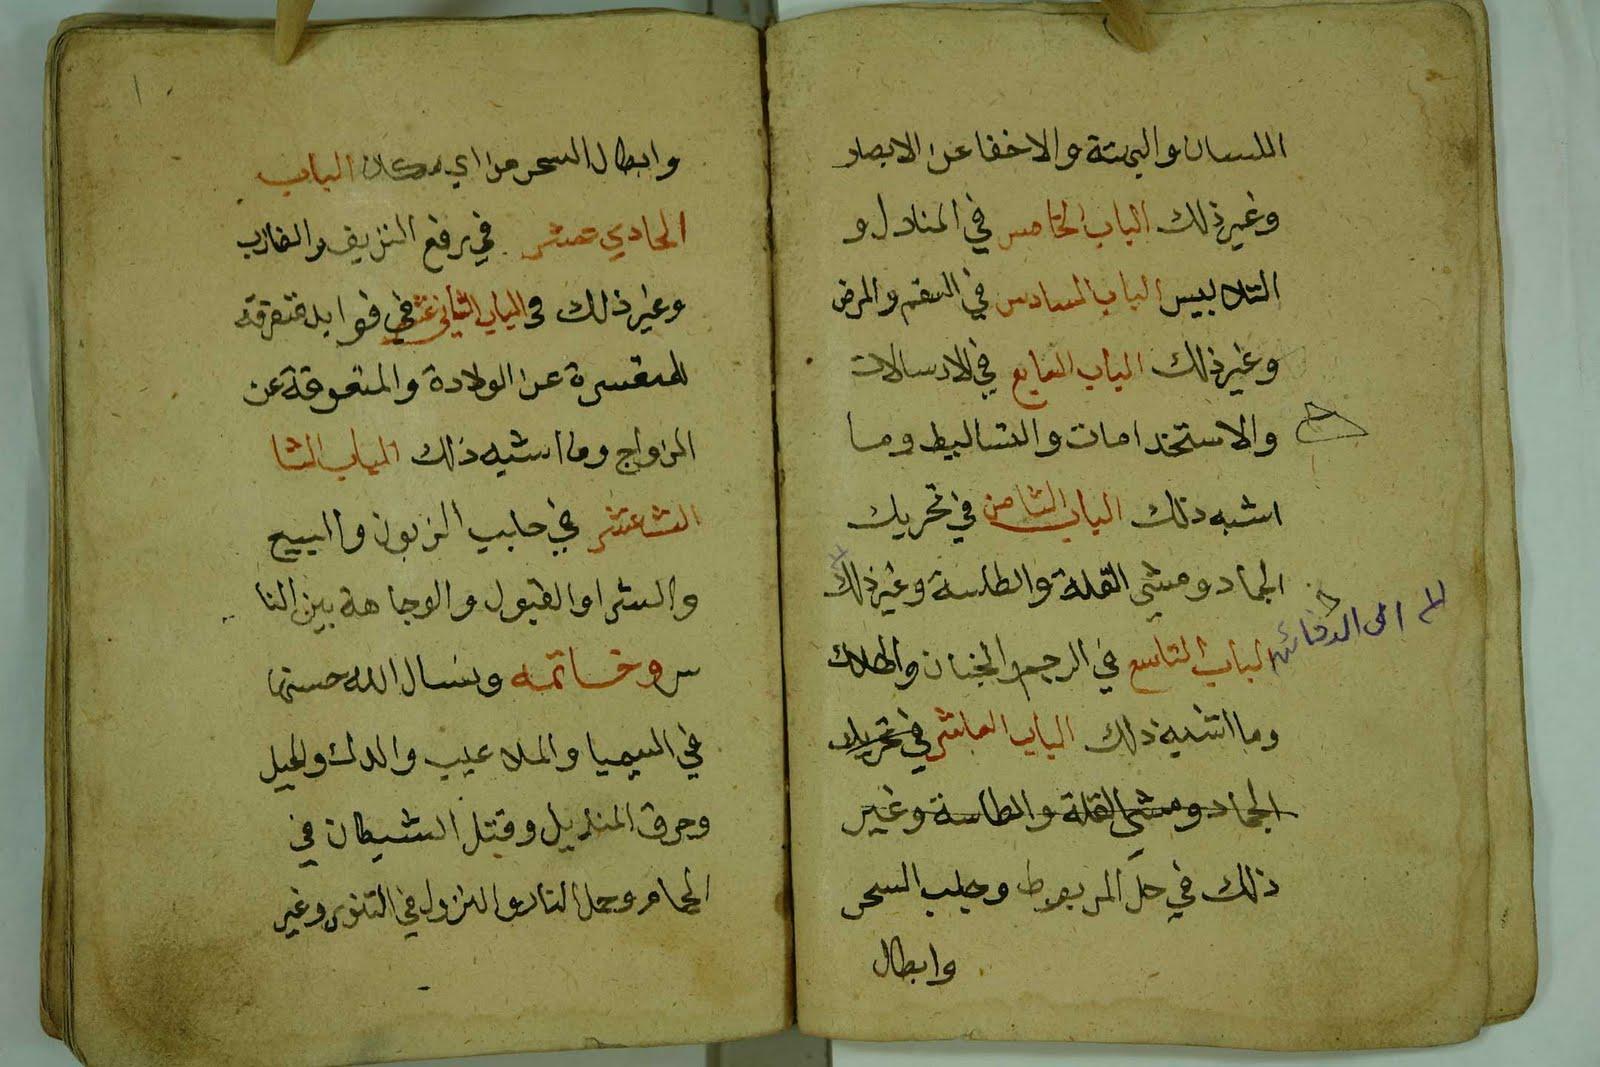 تحميل كتاب الاسرار الصوفية والكنوز المخفية pdf